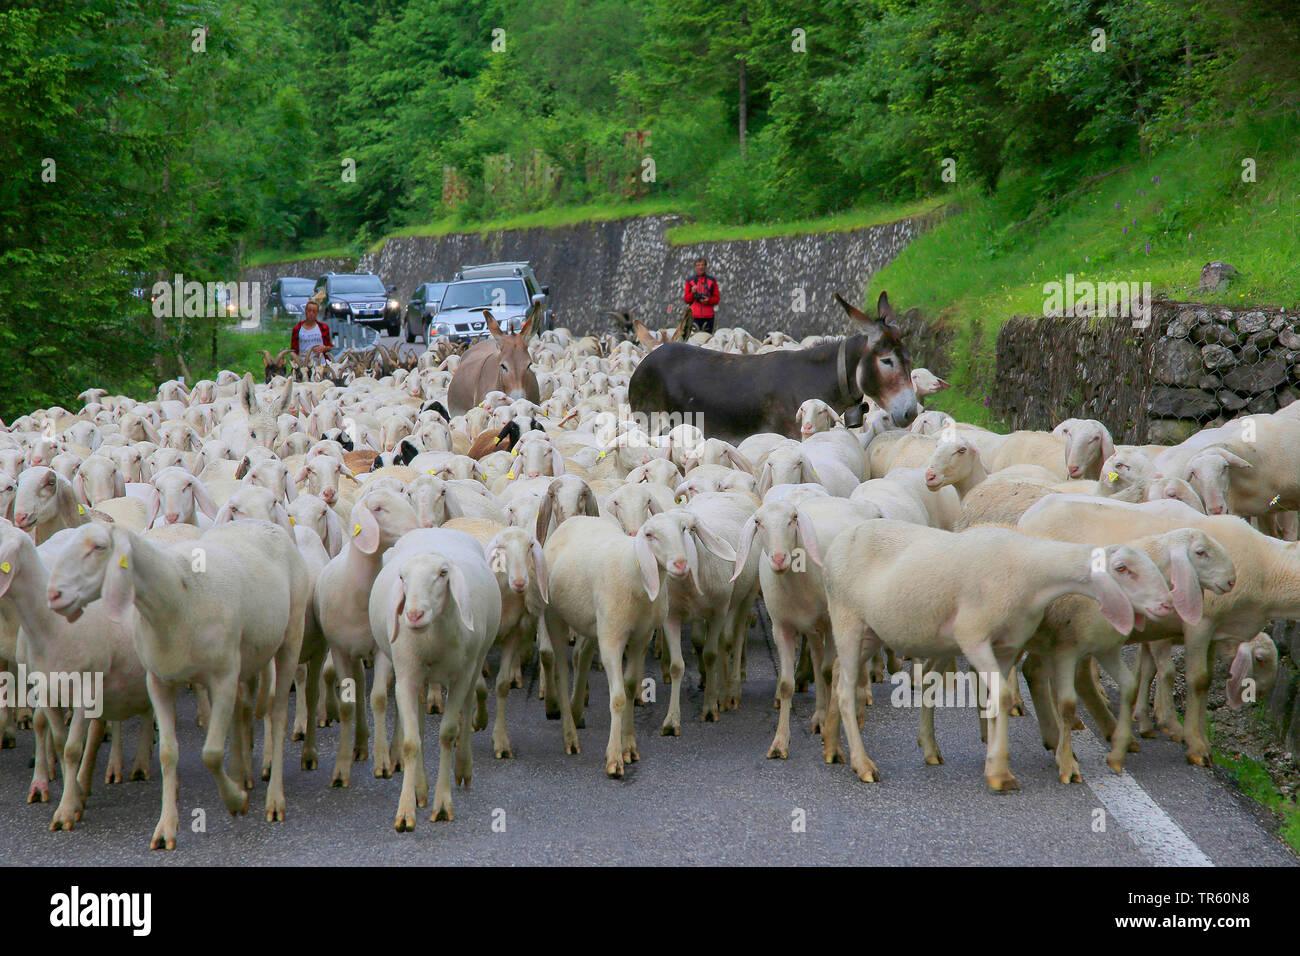 Ovejas domésticas (Ovis ammon f. aries), rebaño de ovejas con dos burros bloqueando el flujo de tráfico, Alemania Imagen De Stock